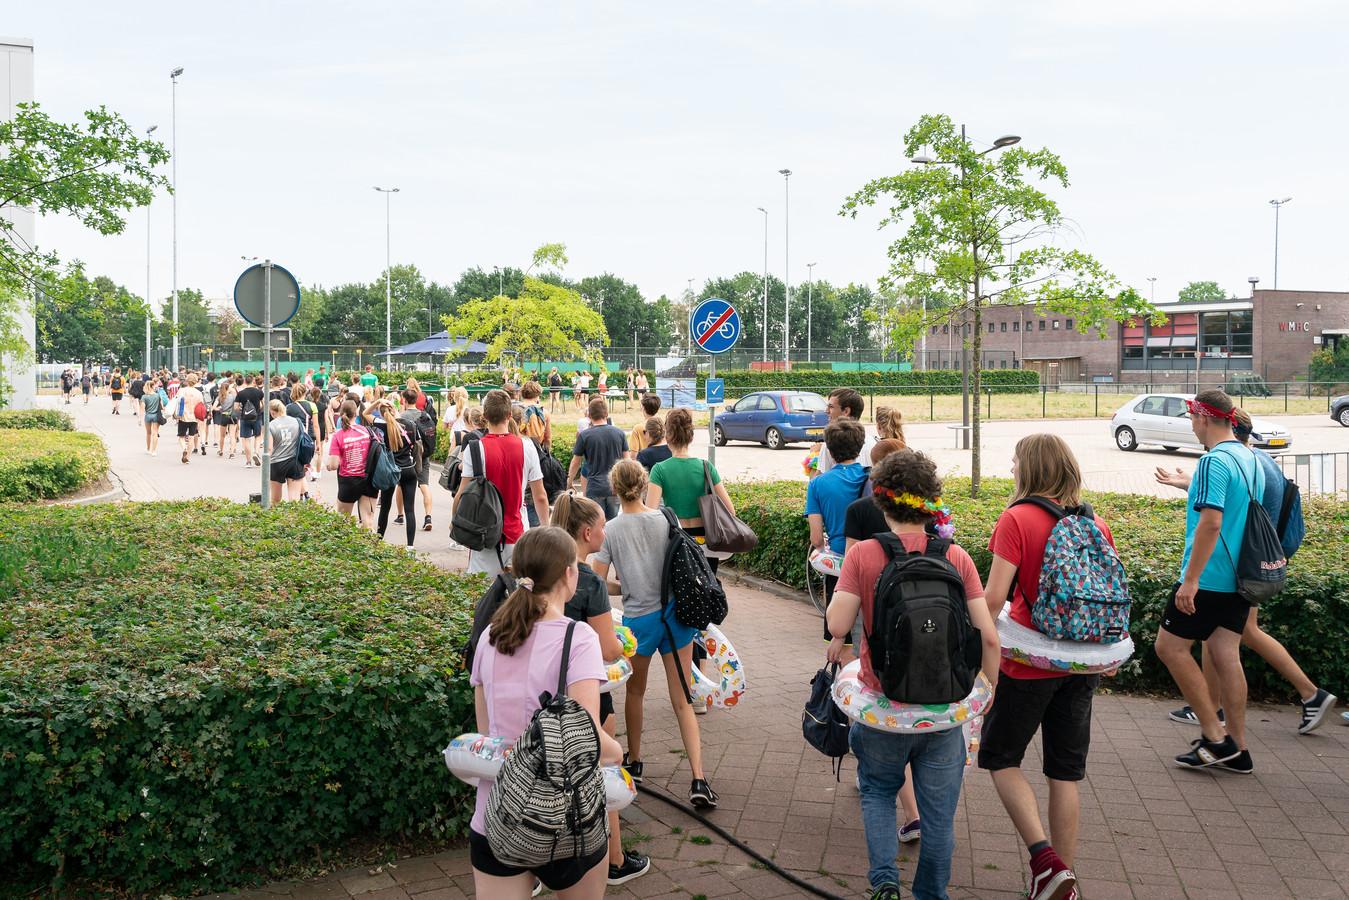 Sportdag op de campus van de Wageningen universiteit tijdens de introductie.